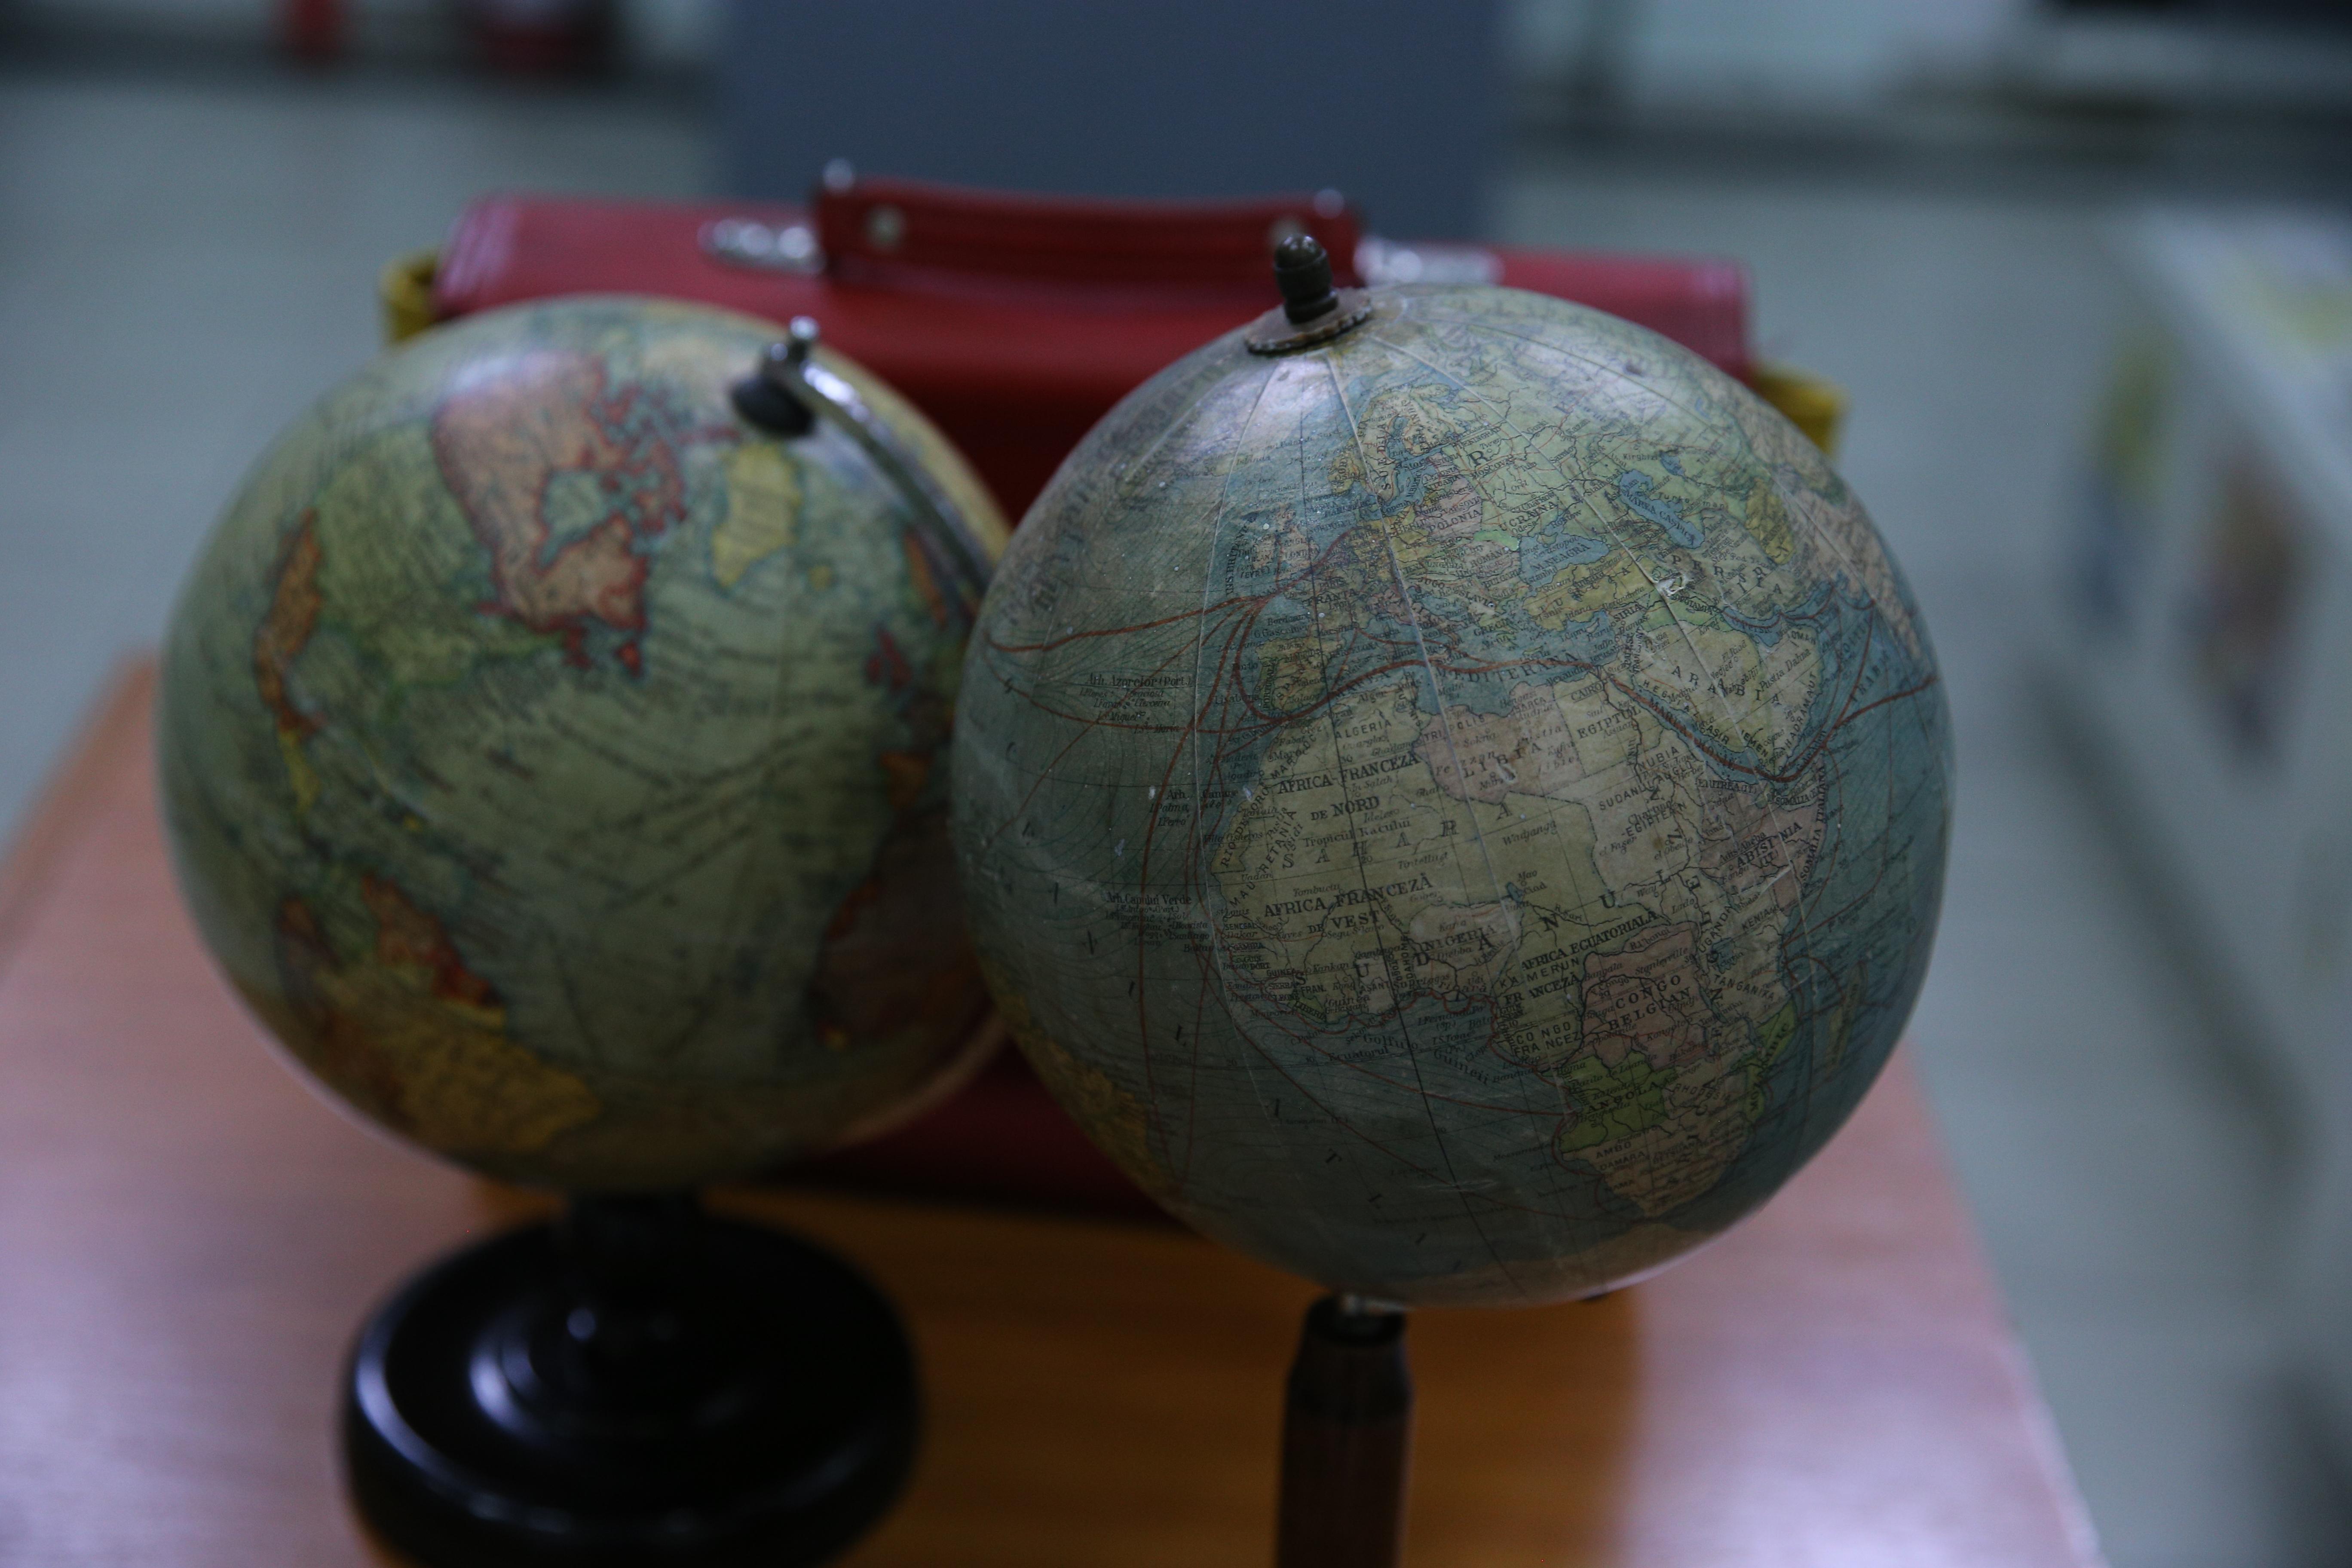 Globuri pământești